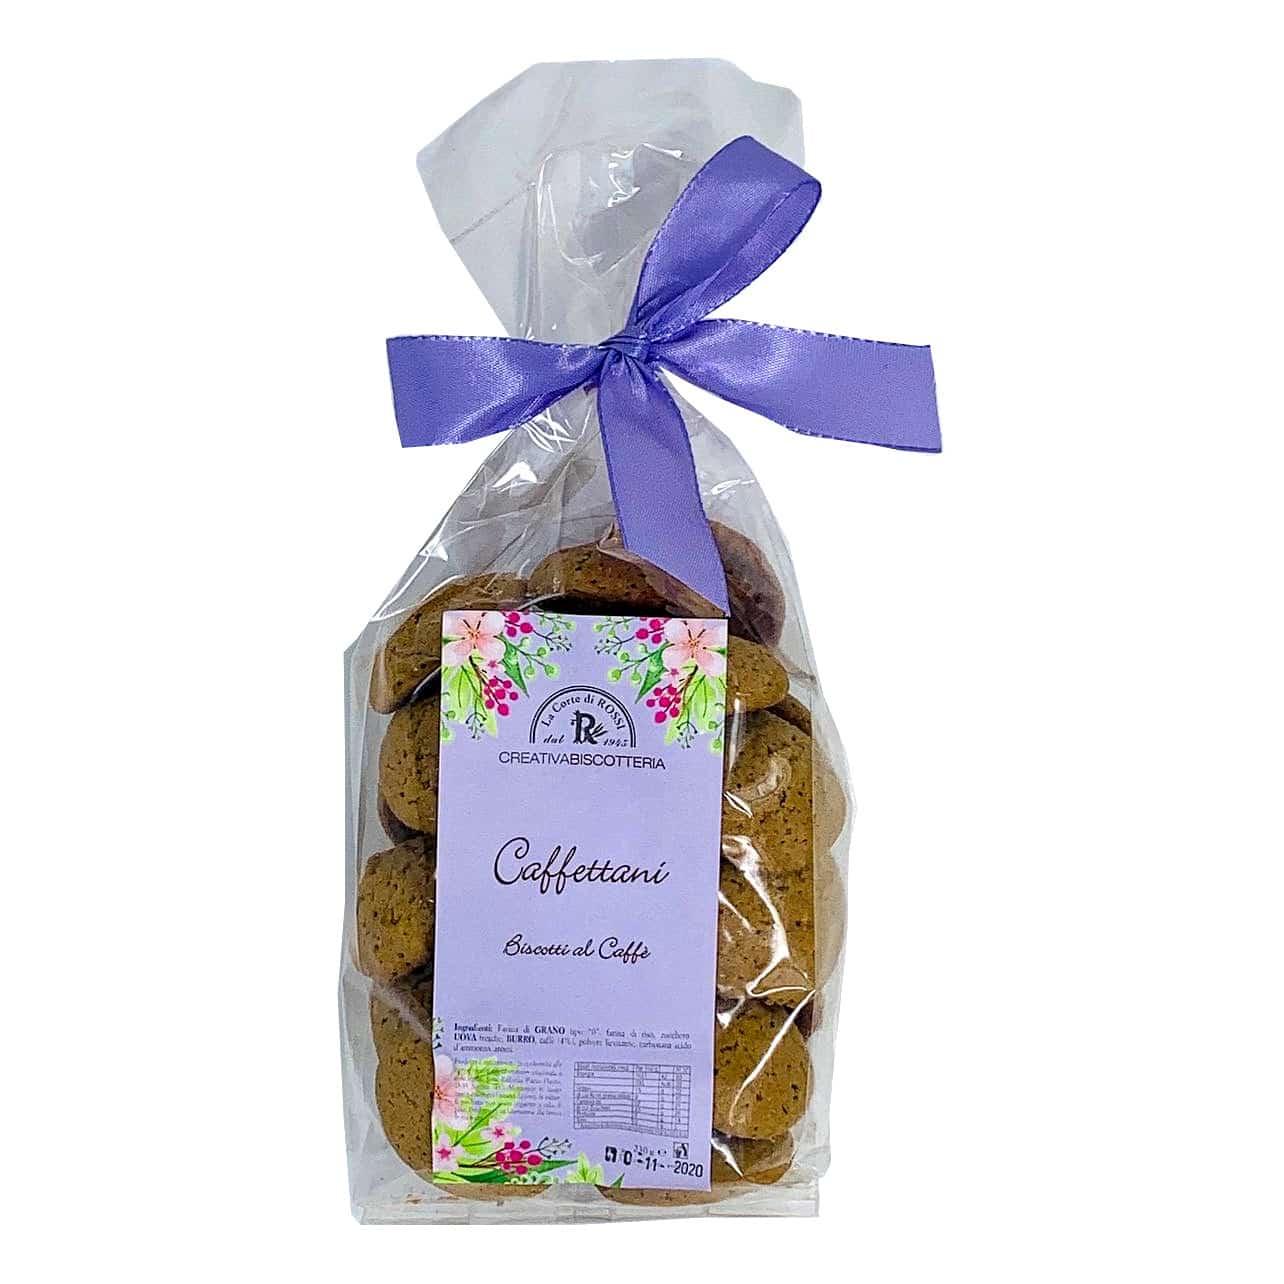 CAFFETTANI Biscotti Artigianali La Corte Di Raffaello Rossi